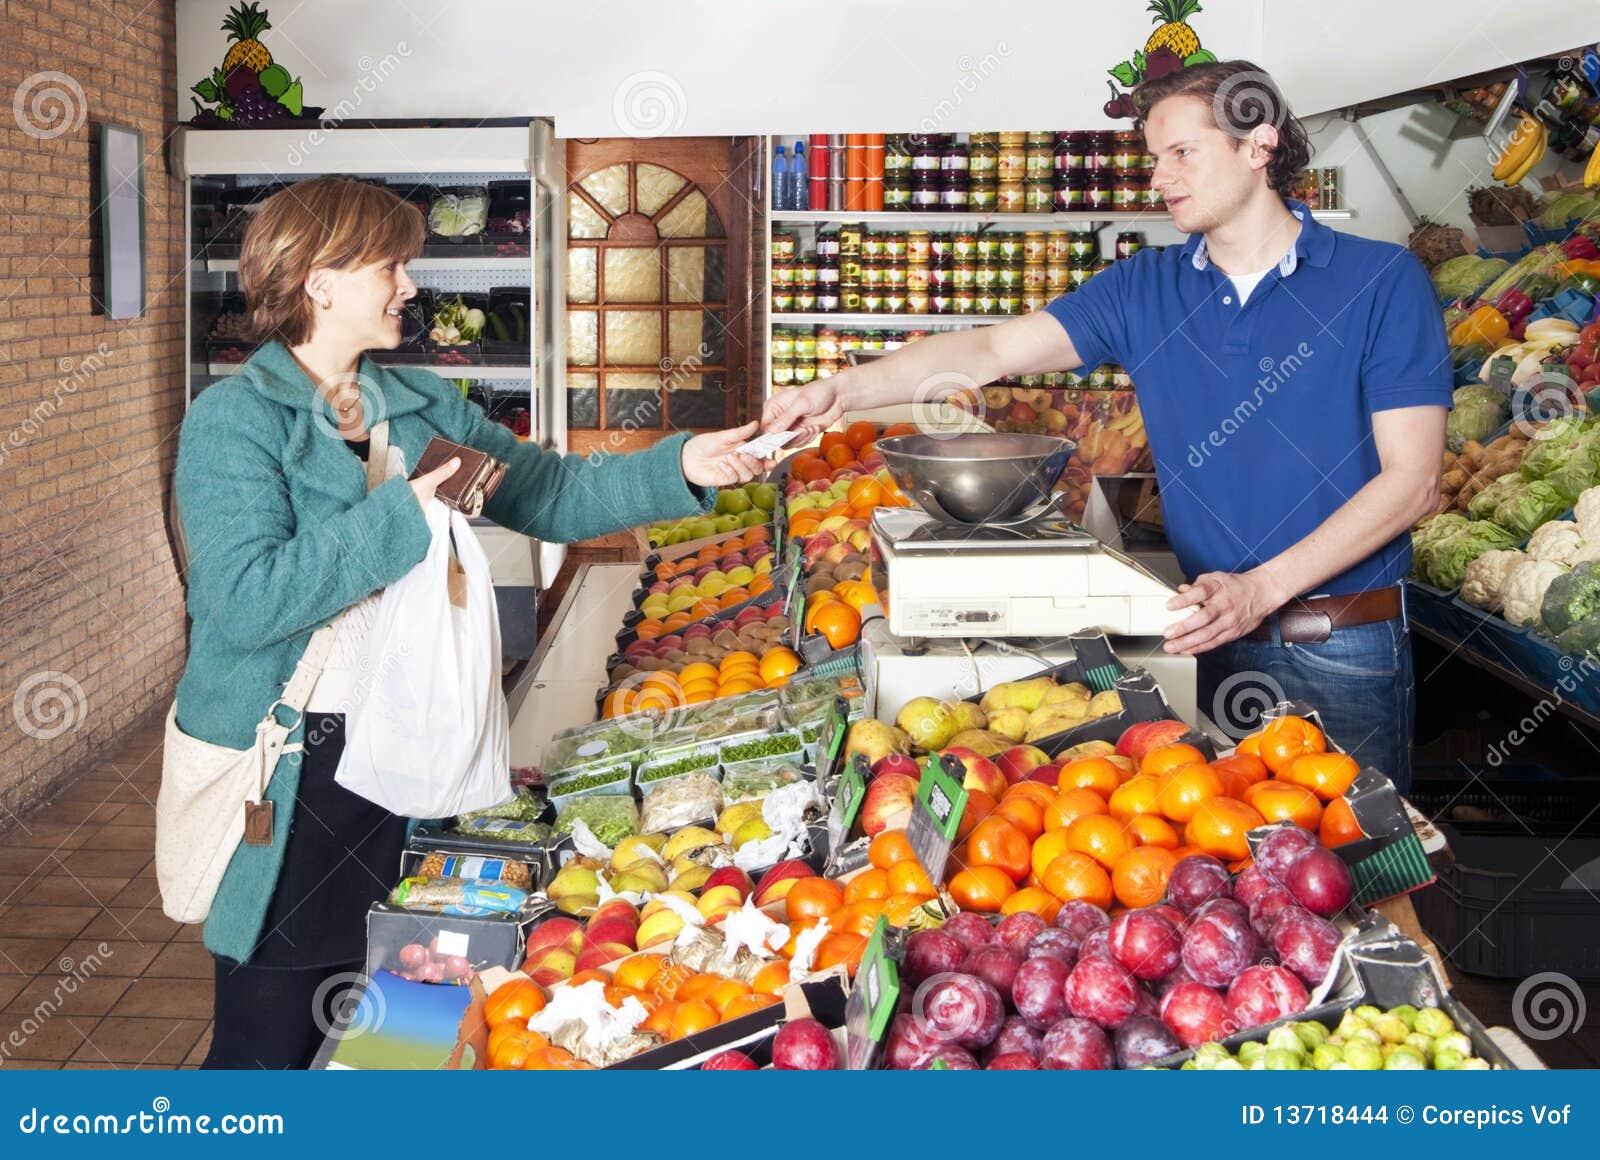 Au marchand de légumes